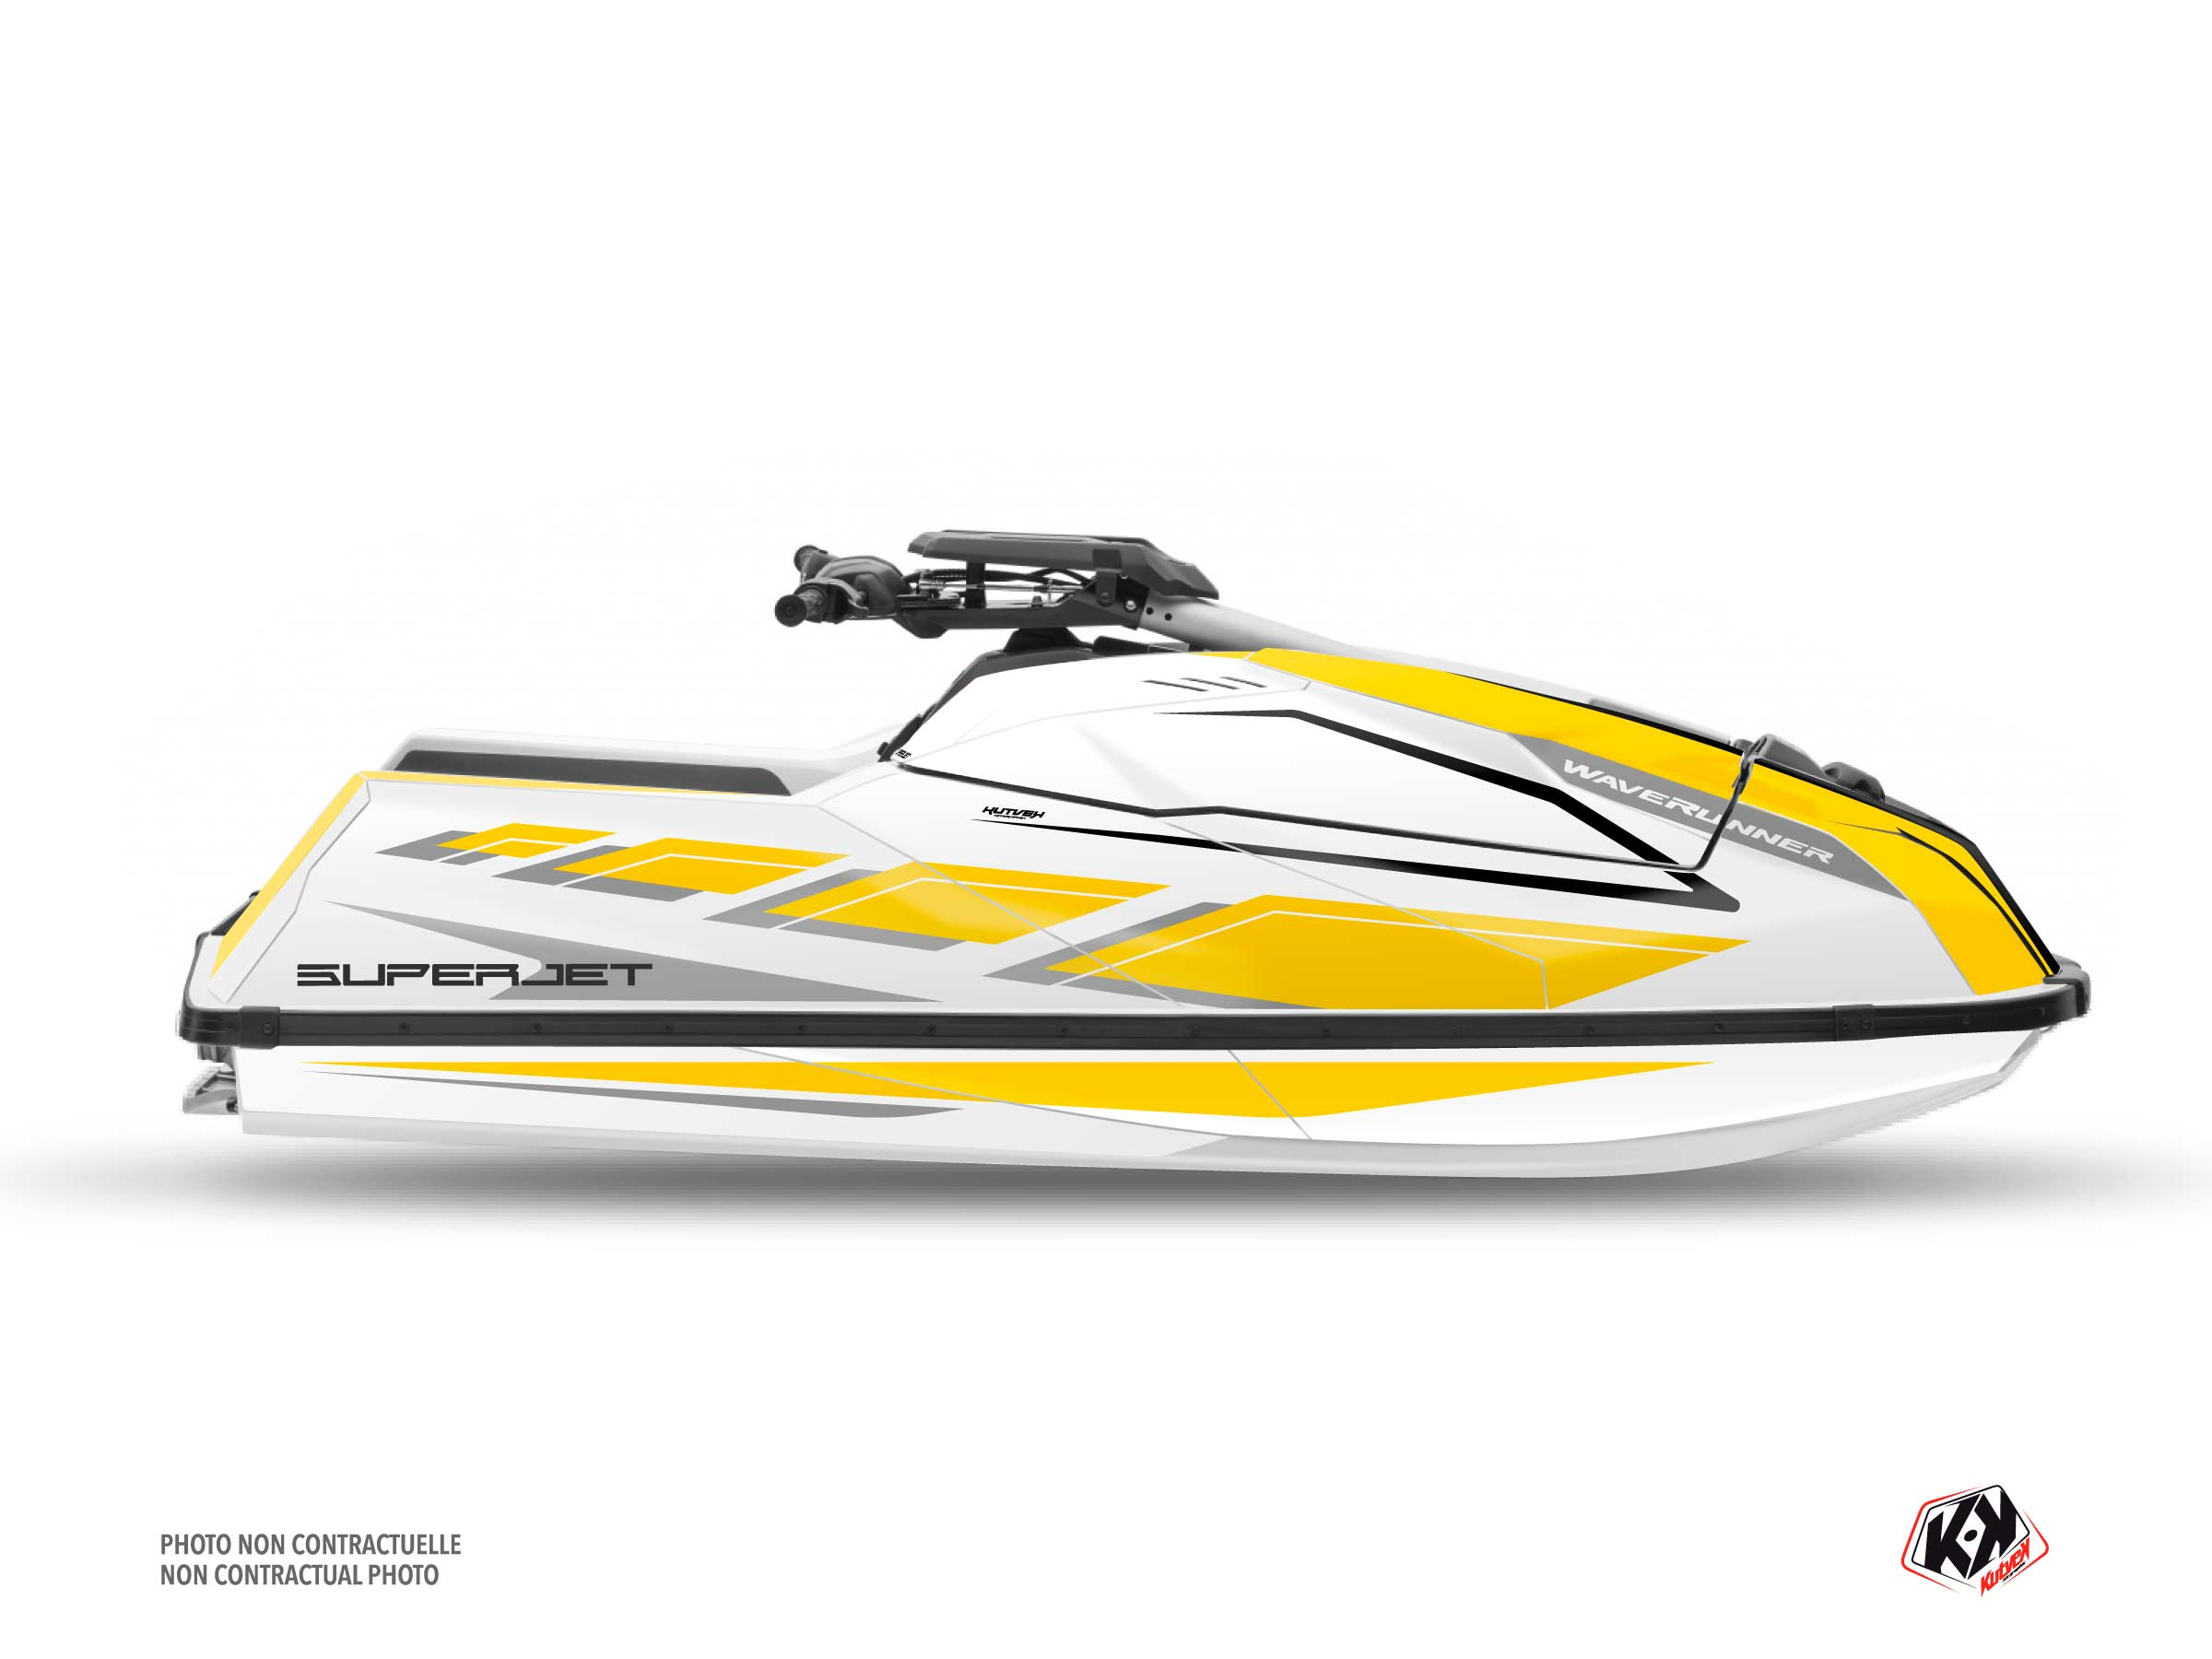 Kit Déco Jet-Ski PERF Yamaha Superjet 2021 Jaune